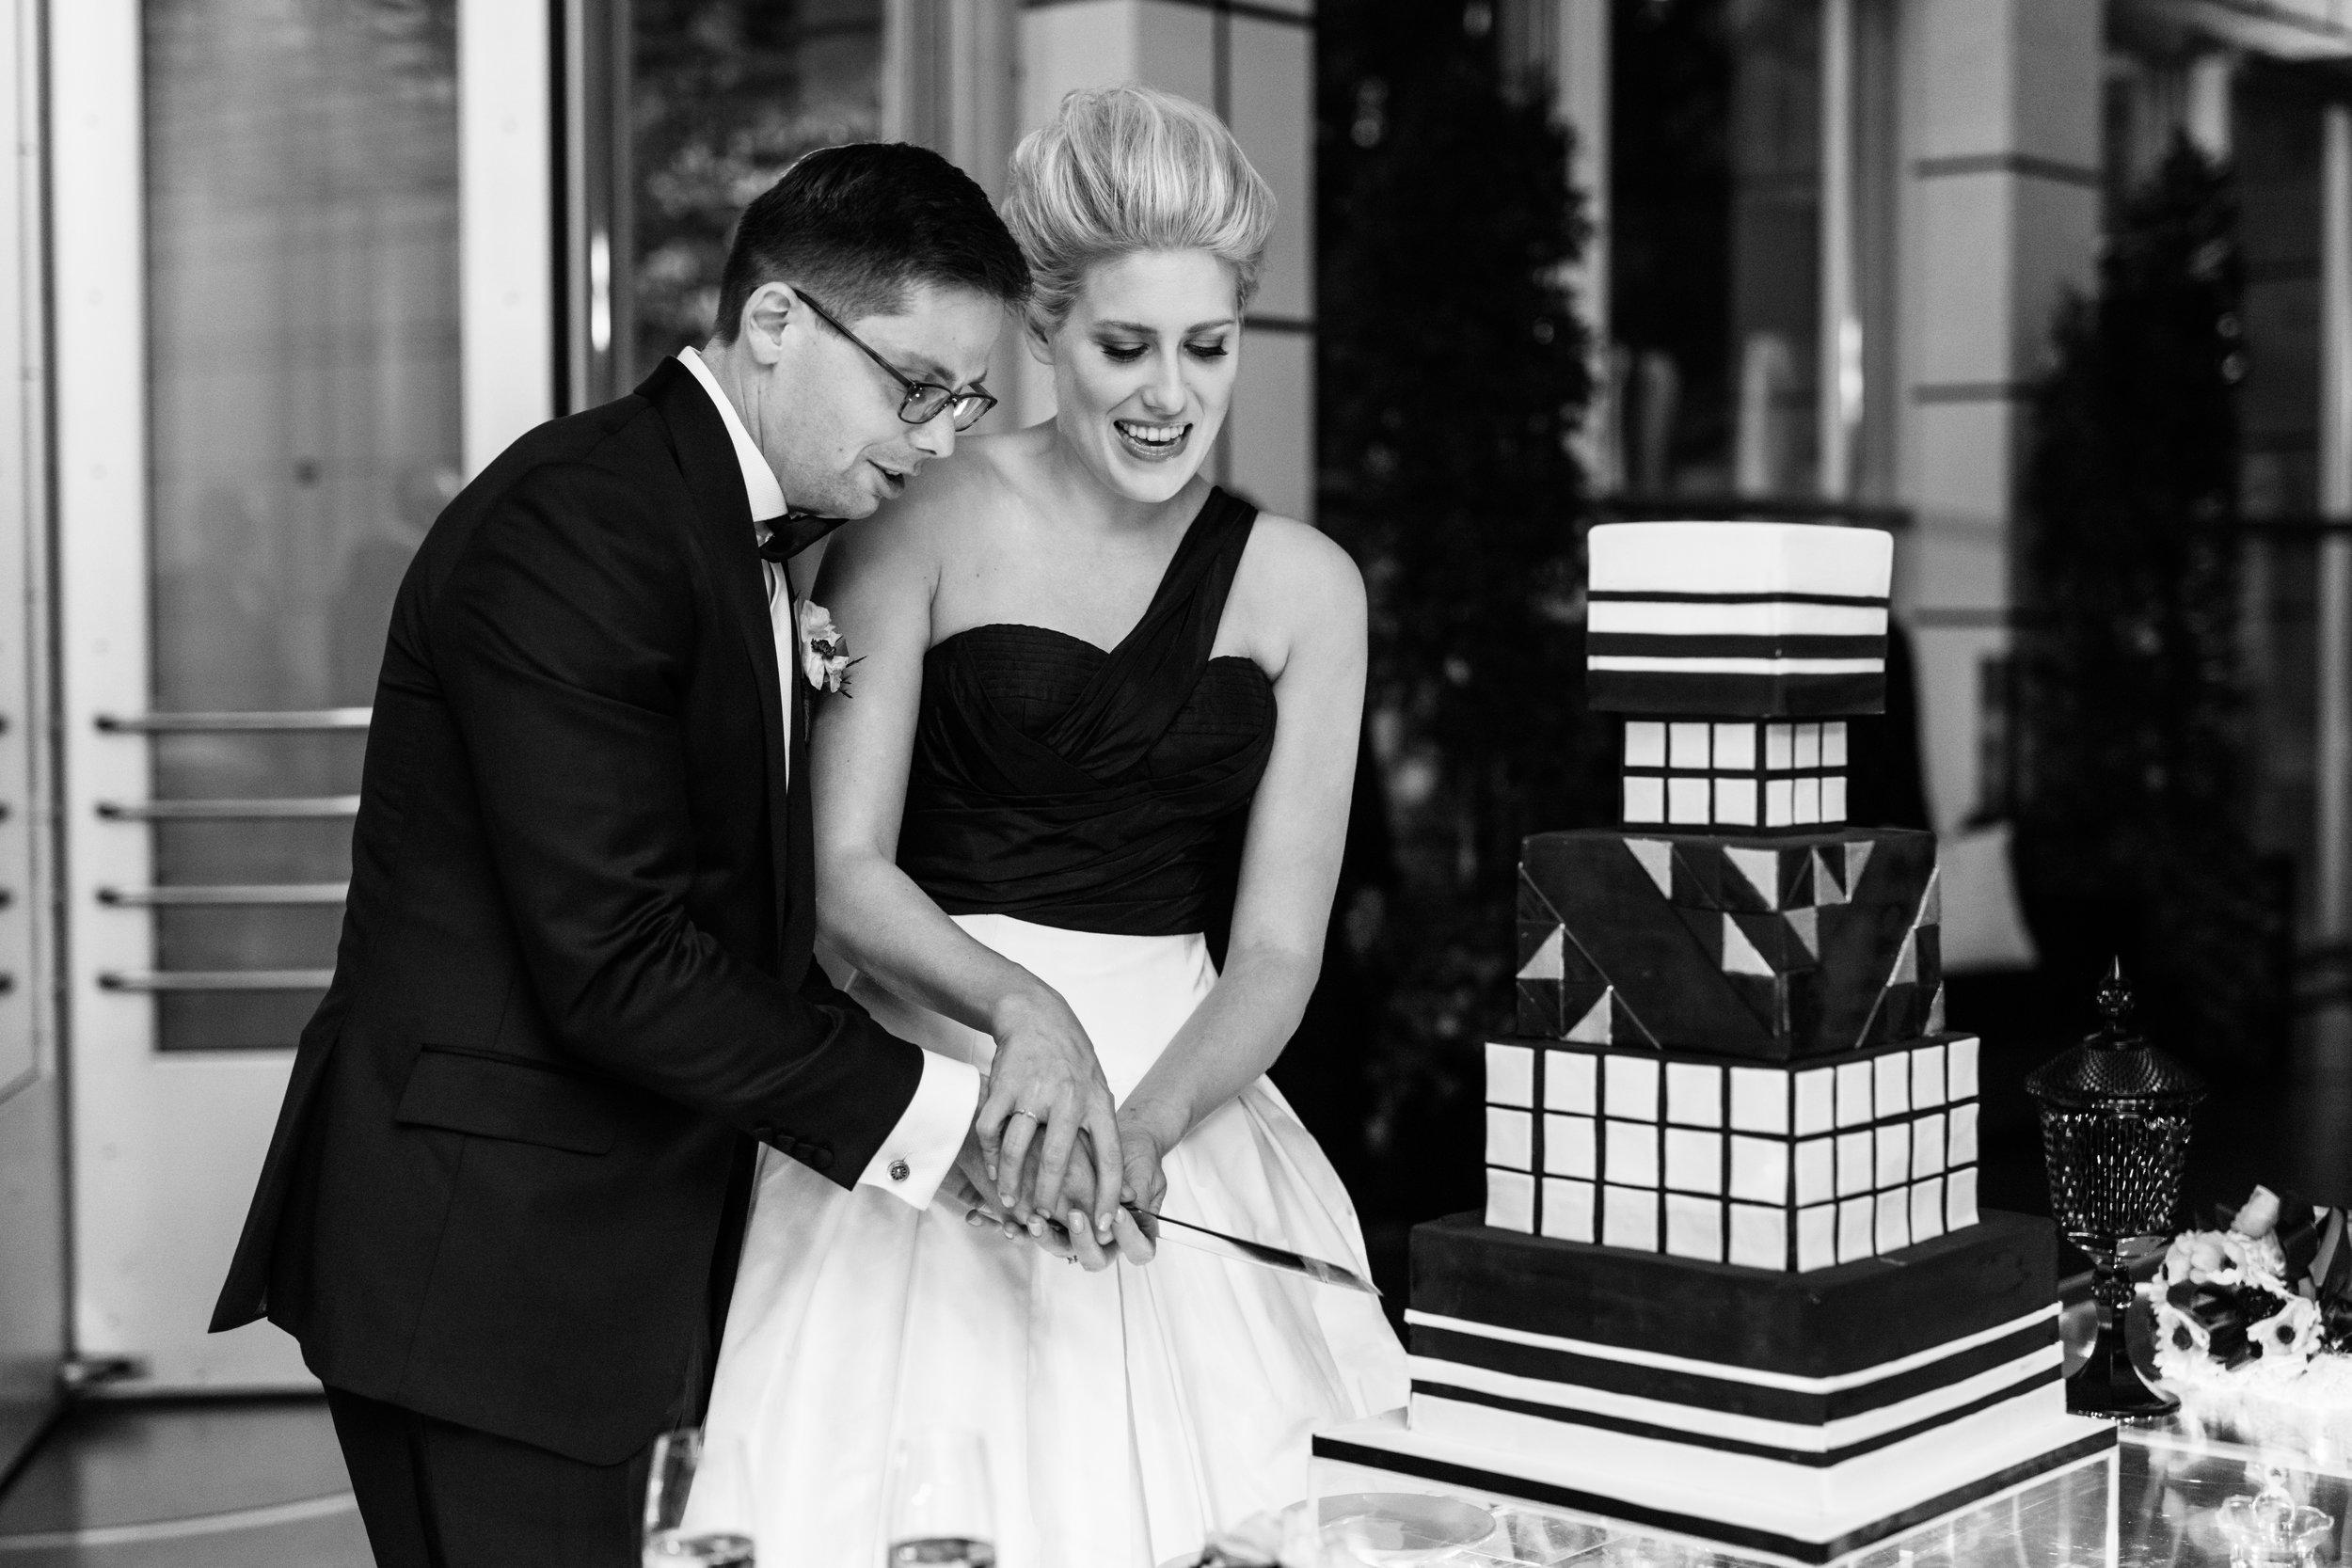 Cake cutting at Weddings